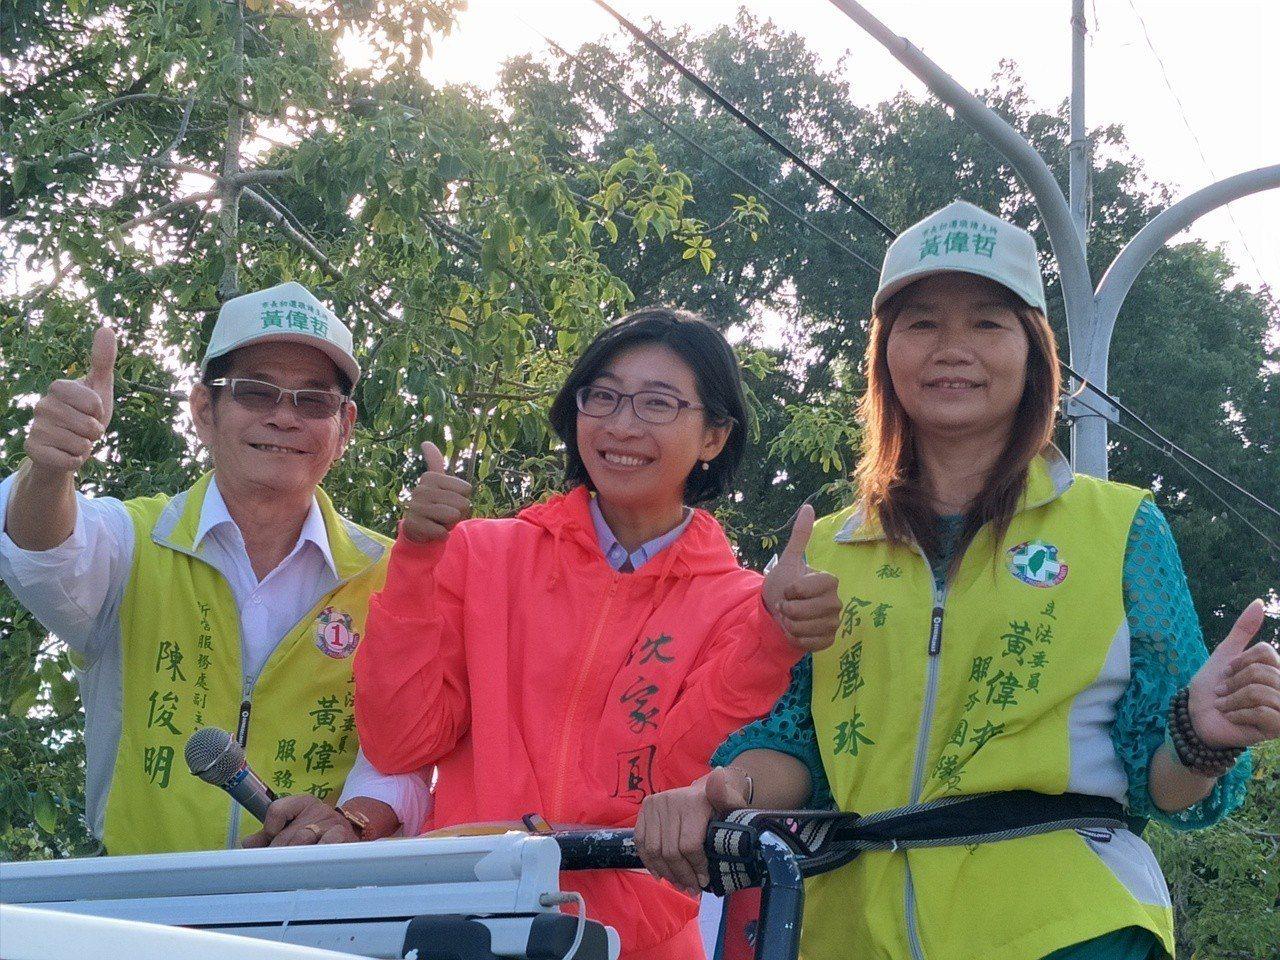 新當選台南市議員沈家鳳(中)陪同謝票。記者謝進盛/攝影